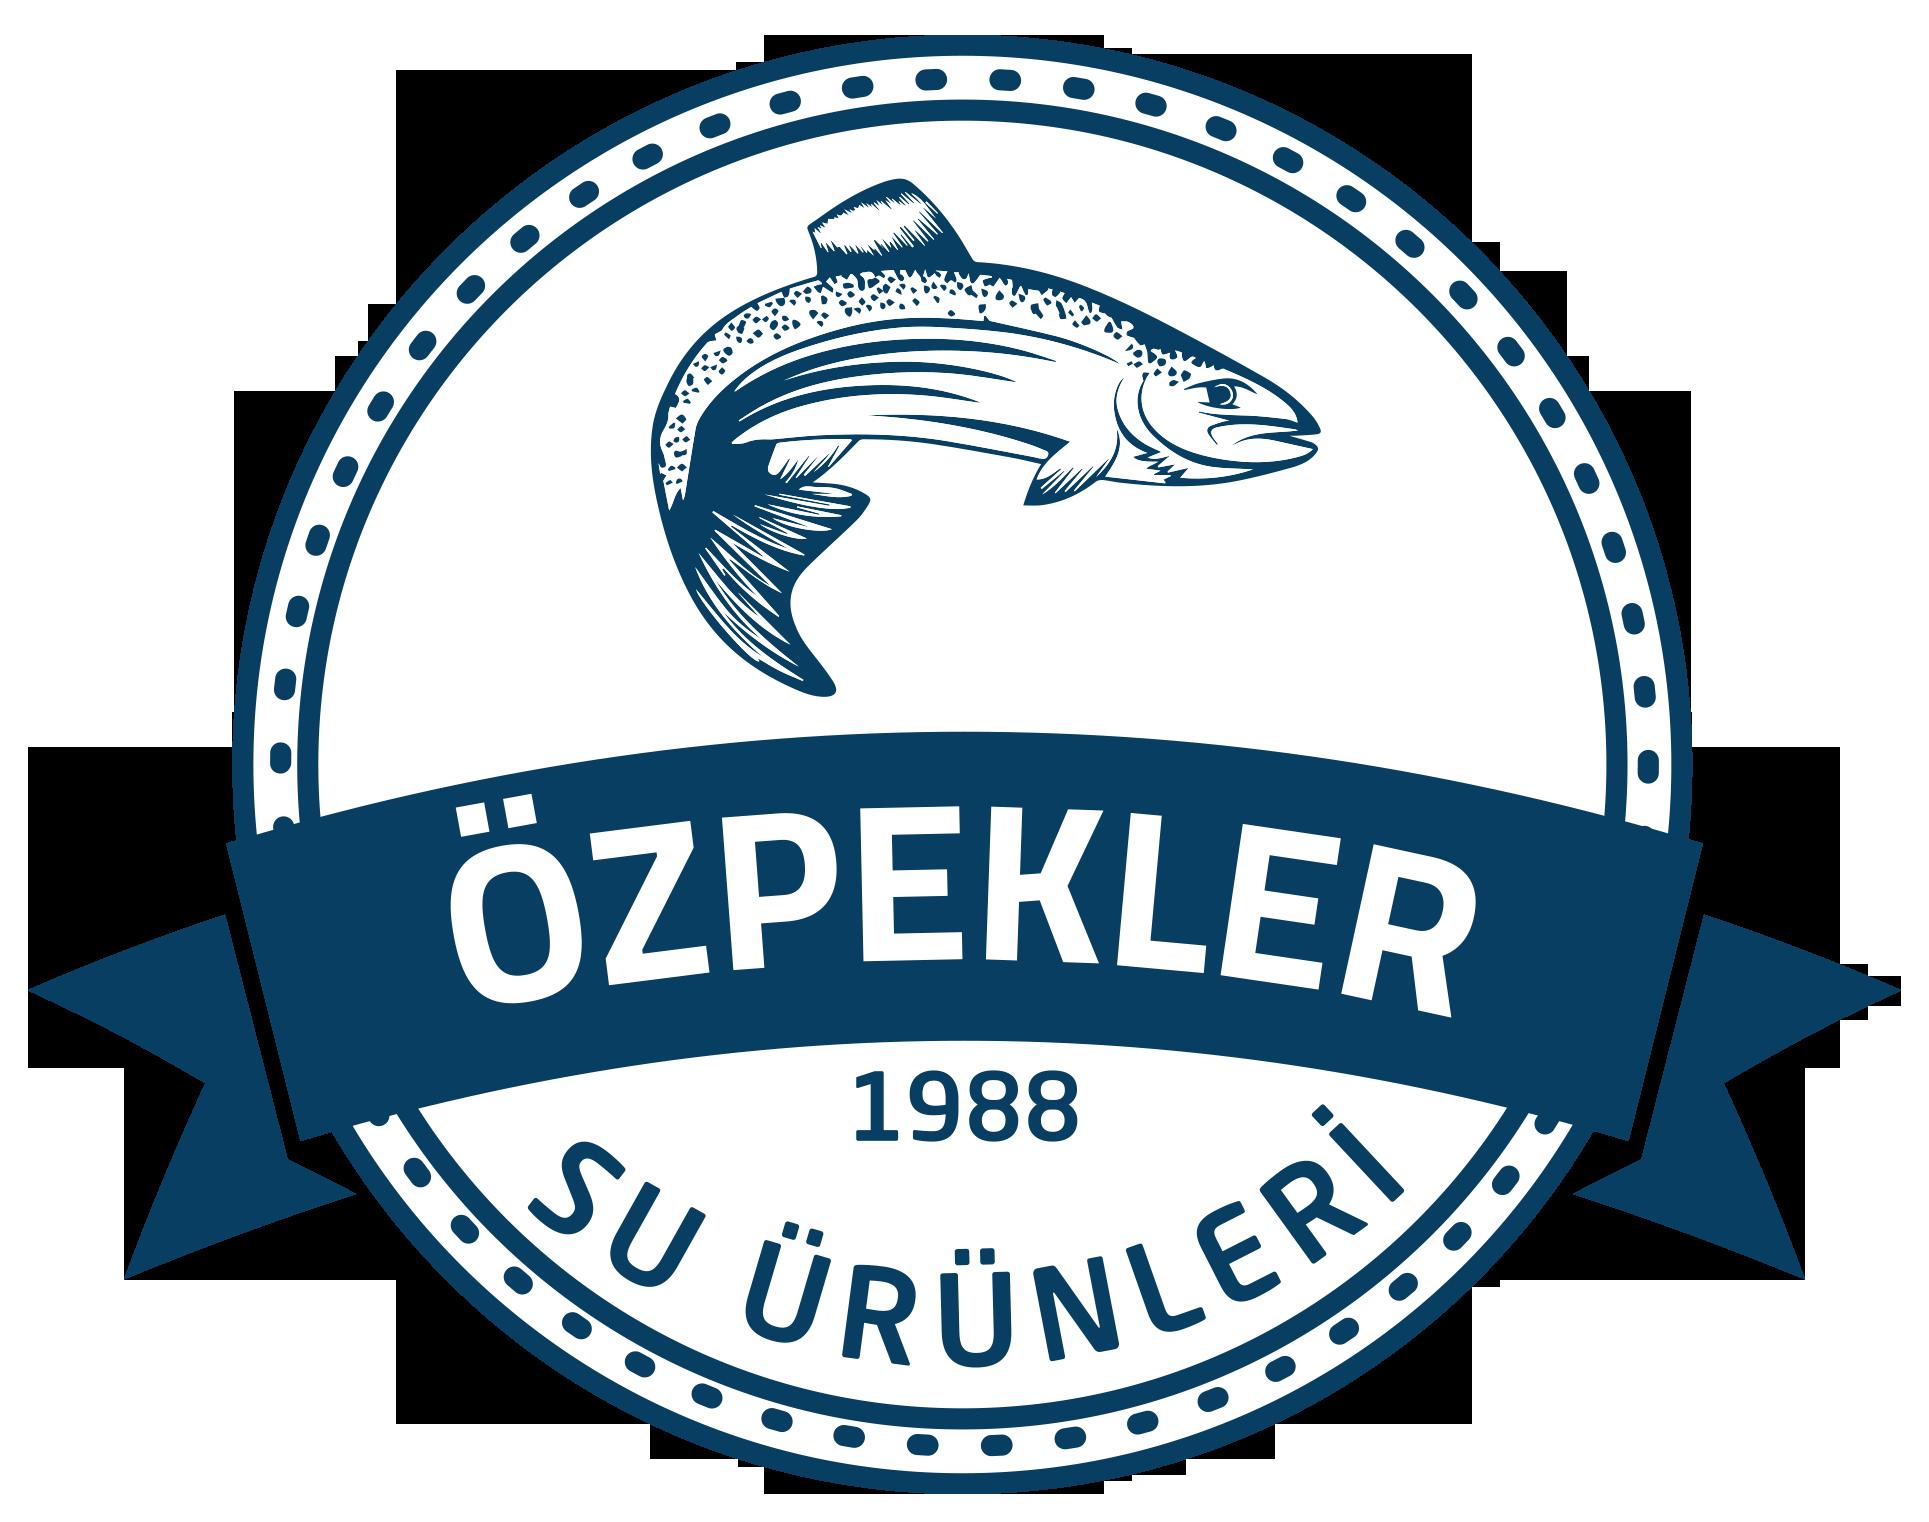 Çivril Işıklı - Özpekler Su Ürünleri Ltd. Şti.